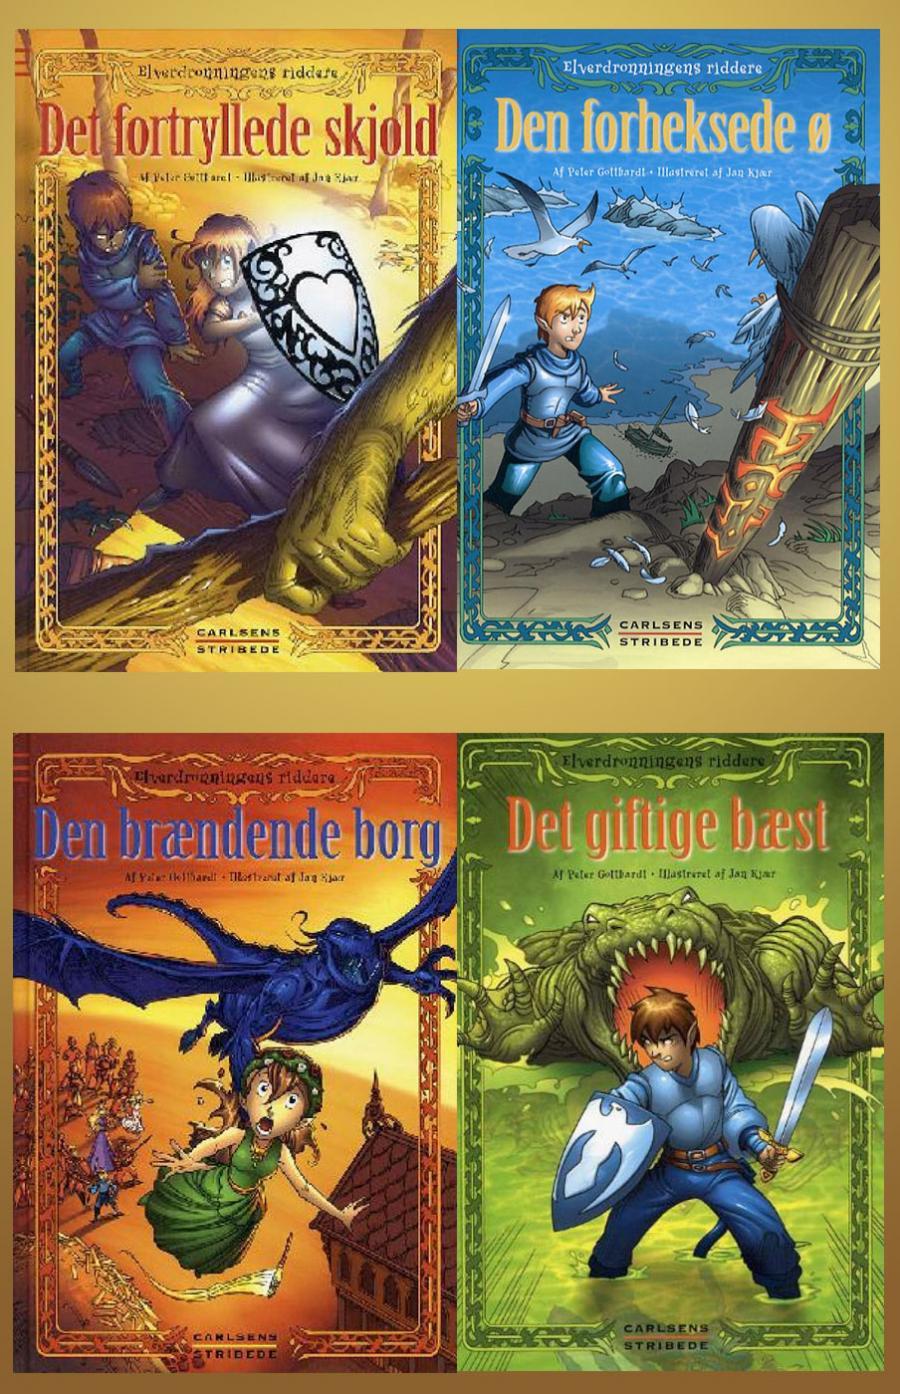 Elverdronningens riddere